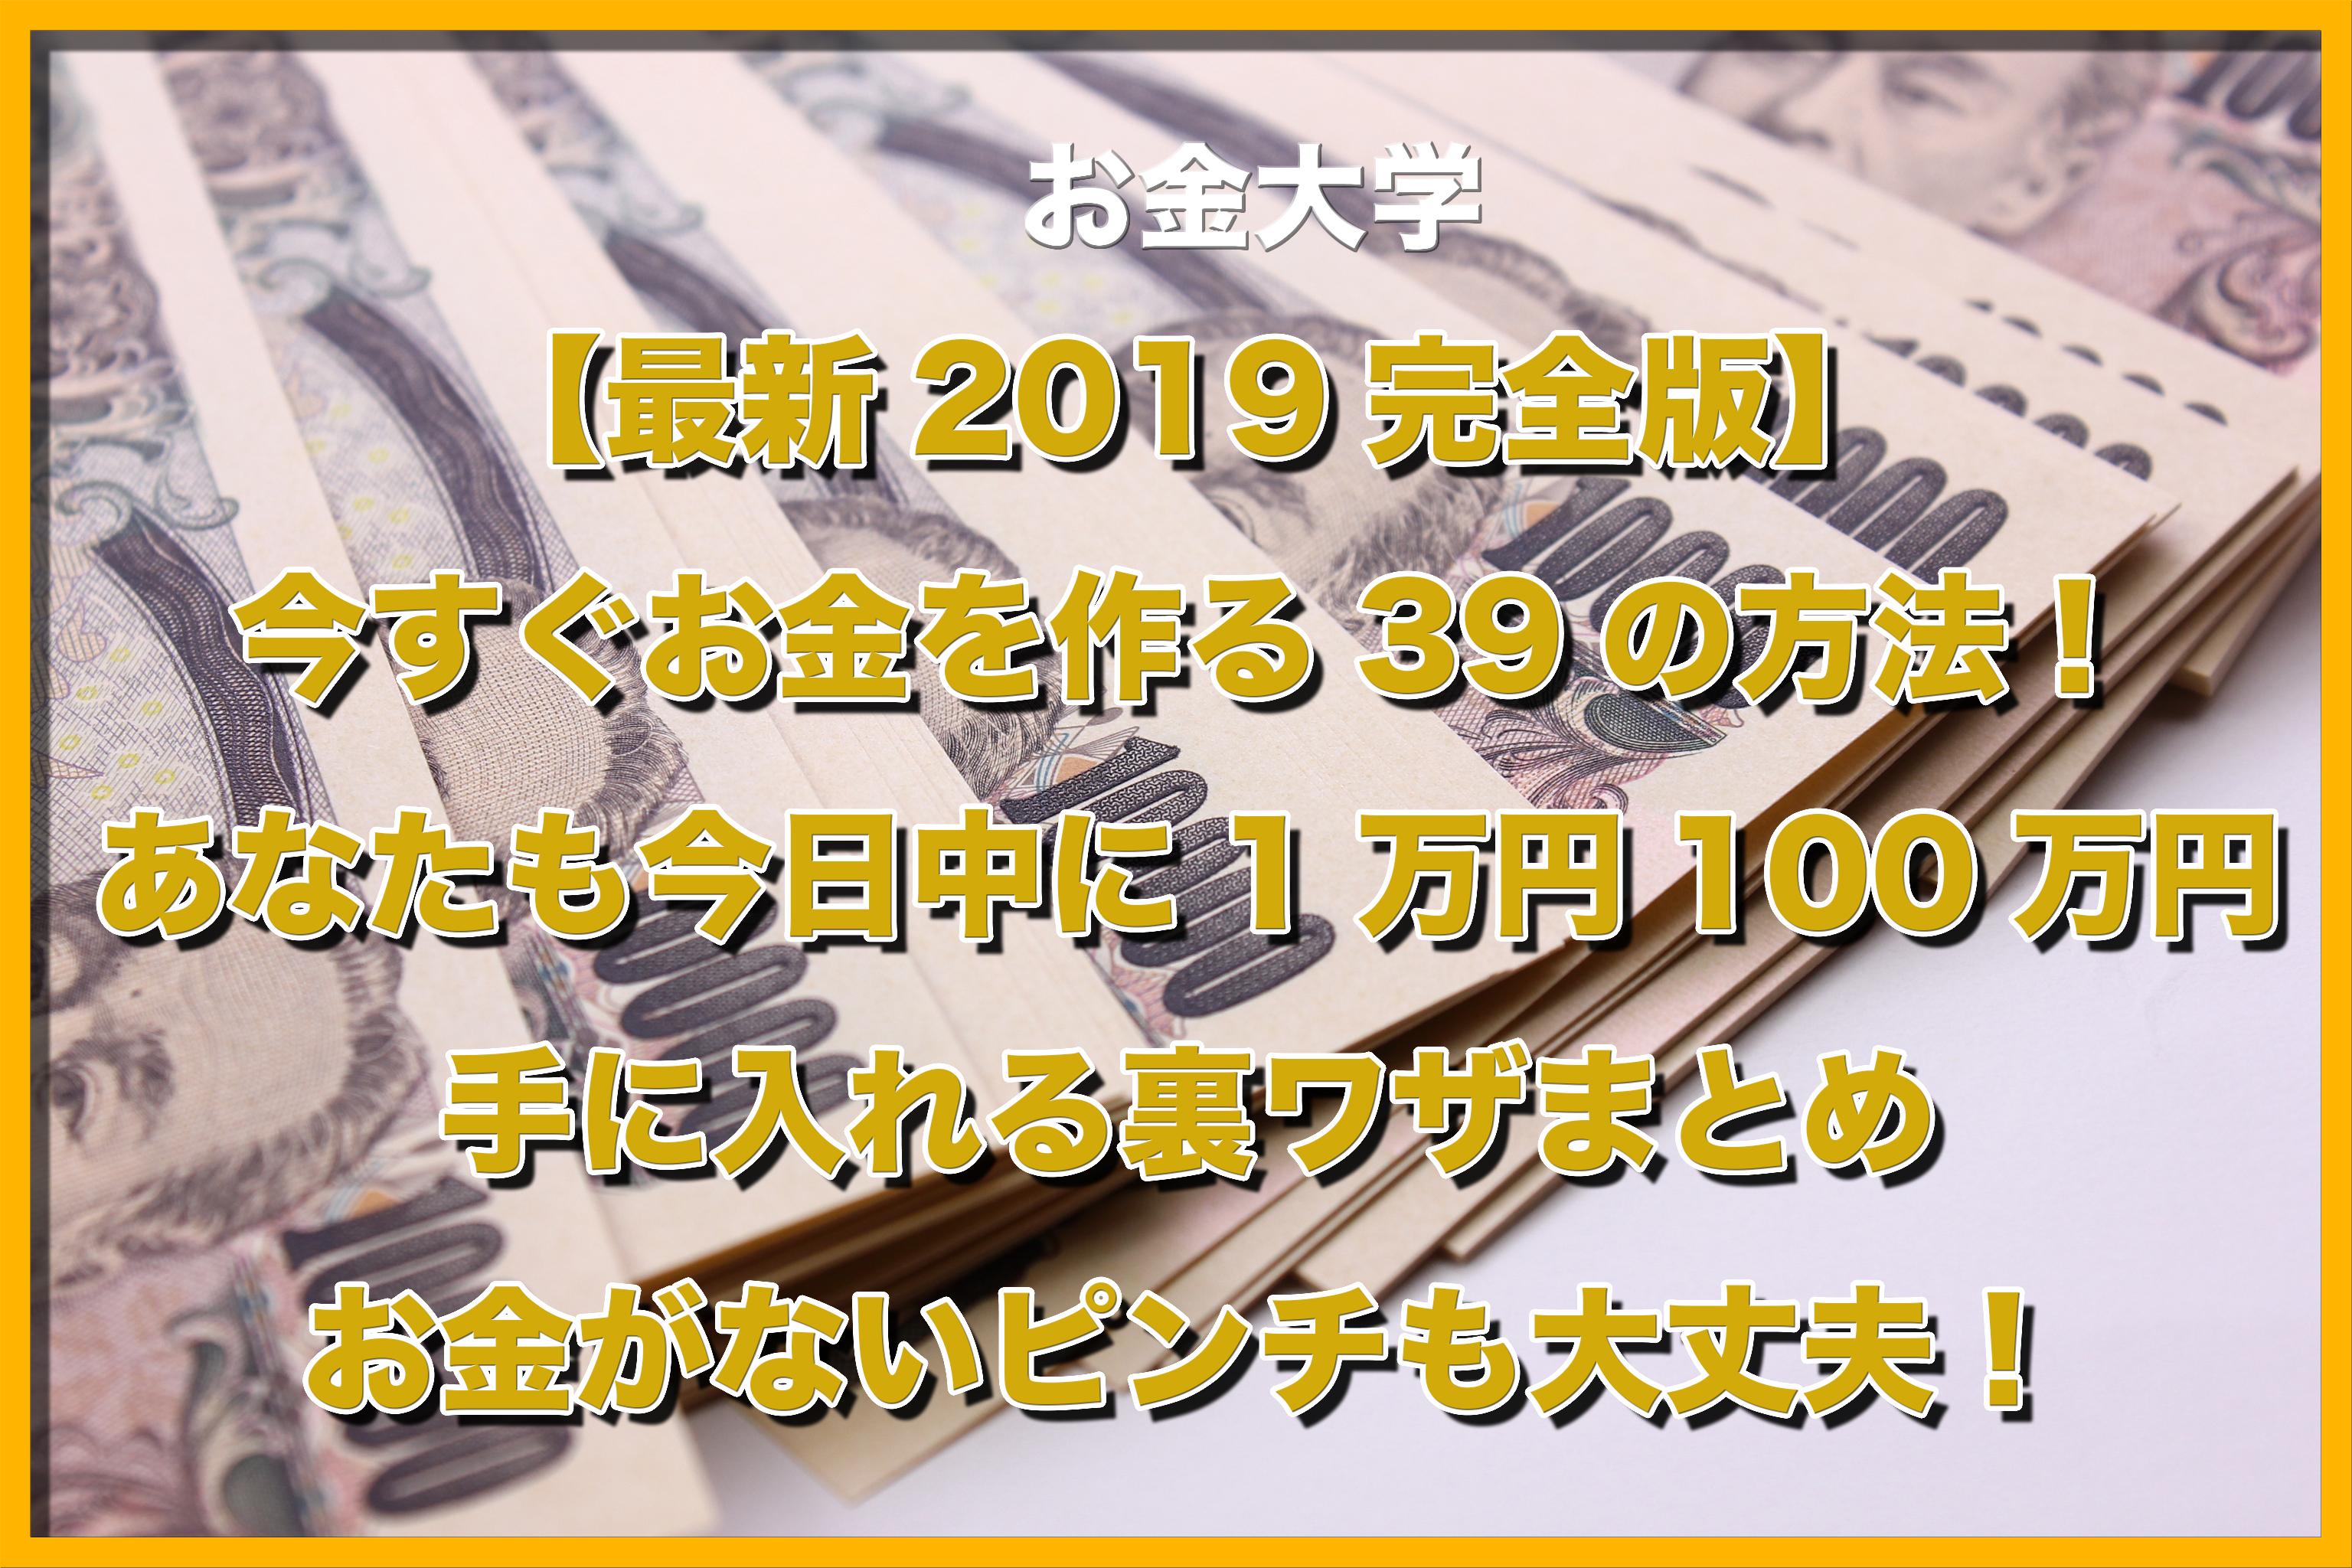 【最新2019完全版】今すぐお金を作る39の方法!あなたも今日中に1万円100万円手に入れる裏ワザまとめ。お金がないピンチも大丈夫!